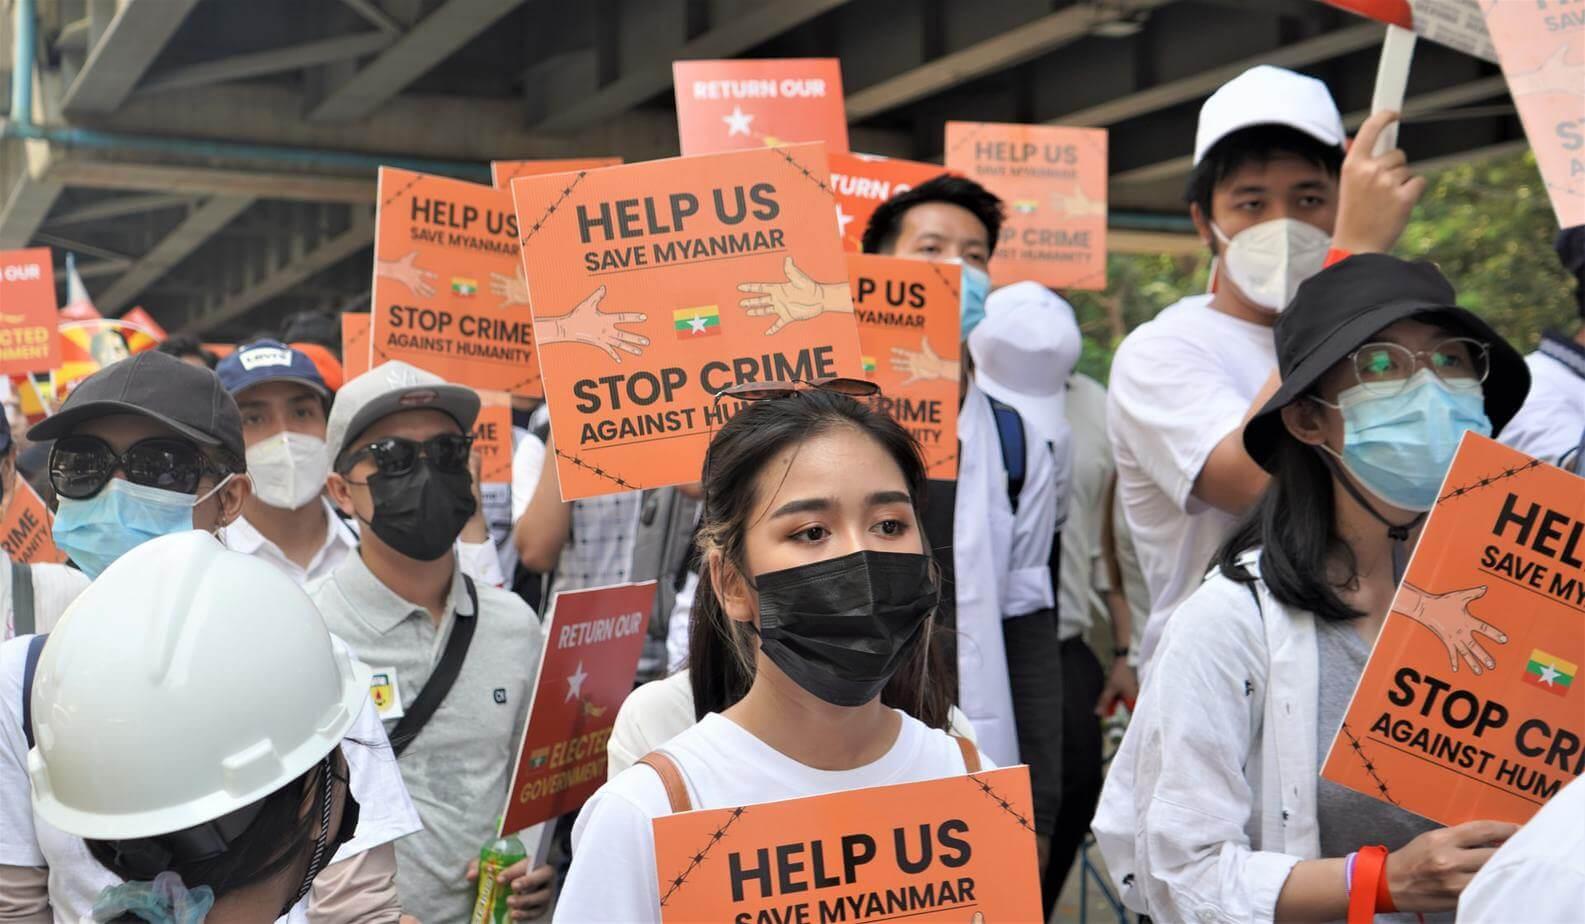 မြန်မာ့အရေးပေါ်မိန့်ခွန်း